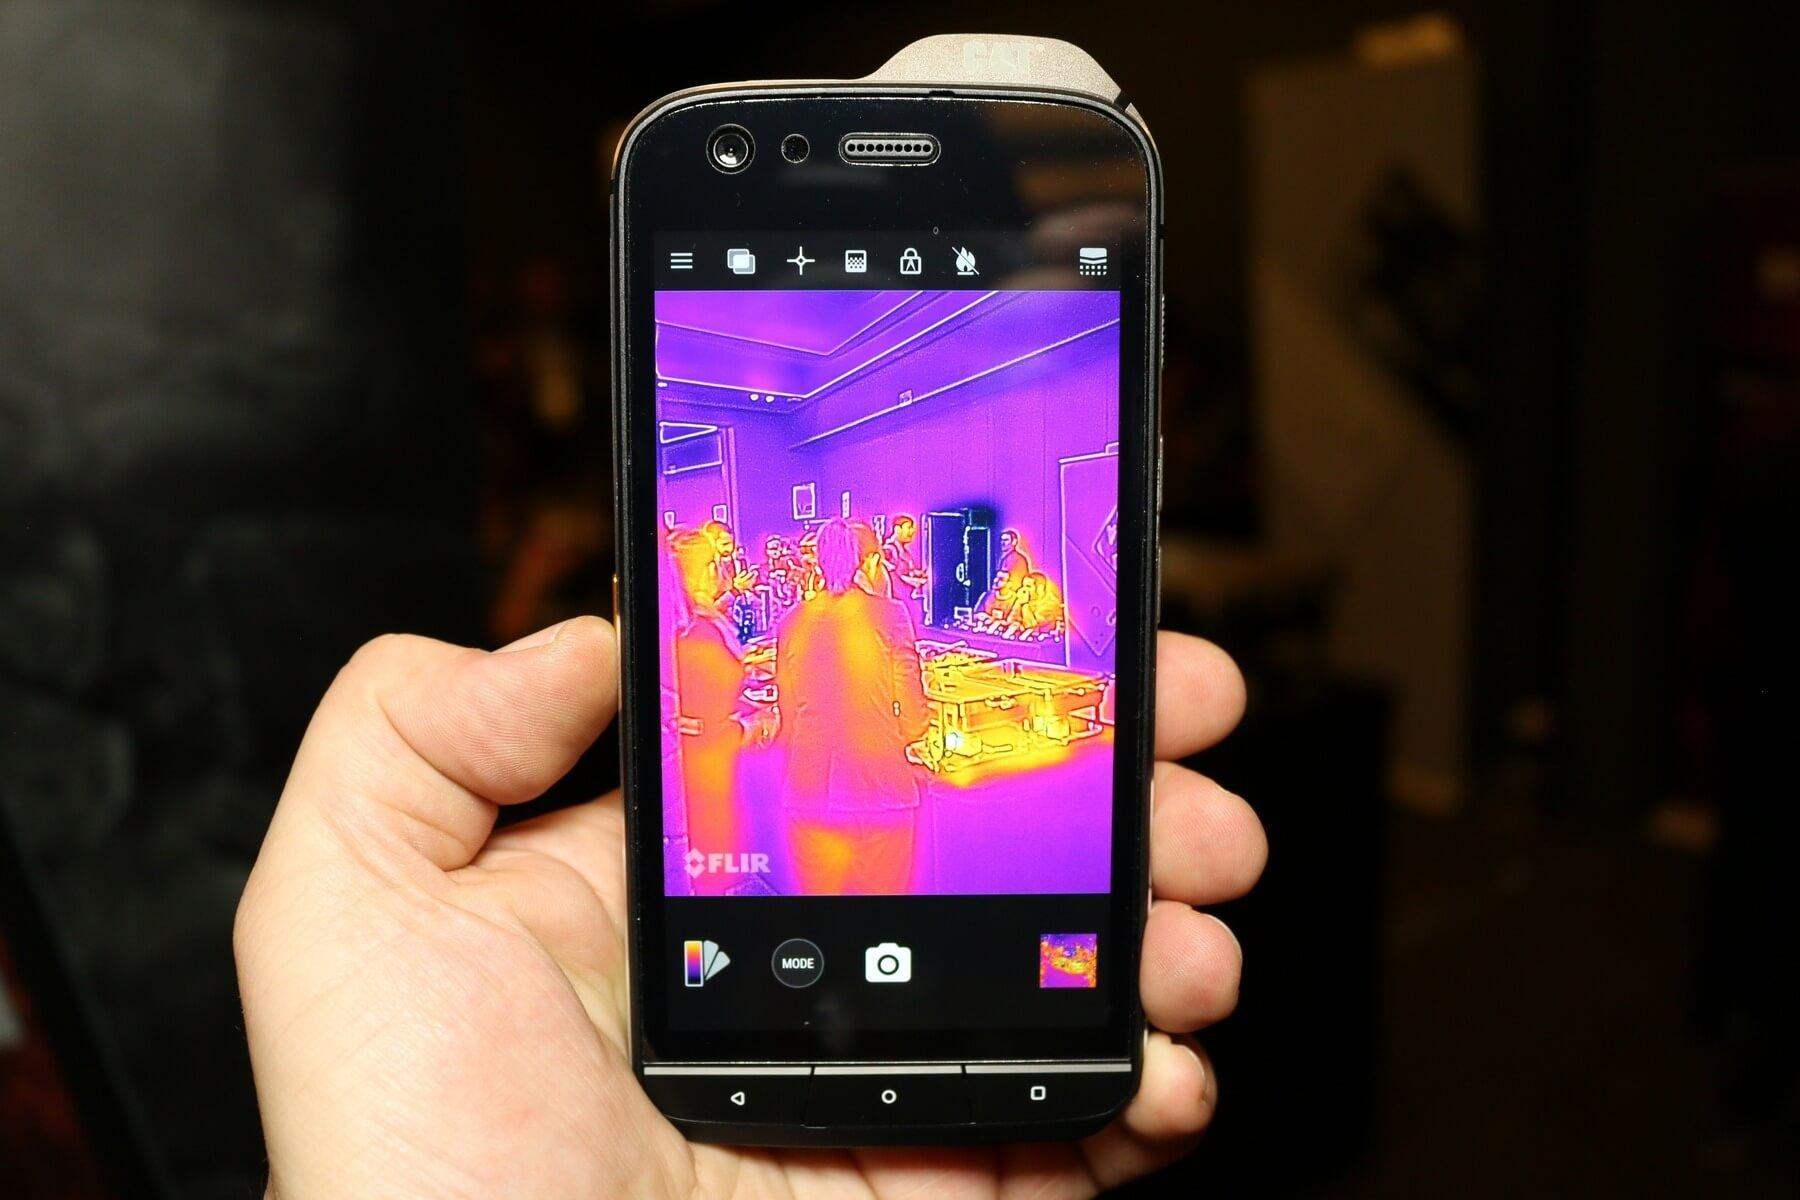 Iphone Entfernungsmesser Preis : Cat s61 smartphone: wärmekamera laserentfernungsmessung & mehr